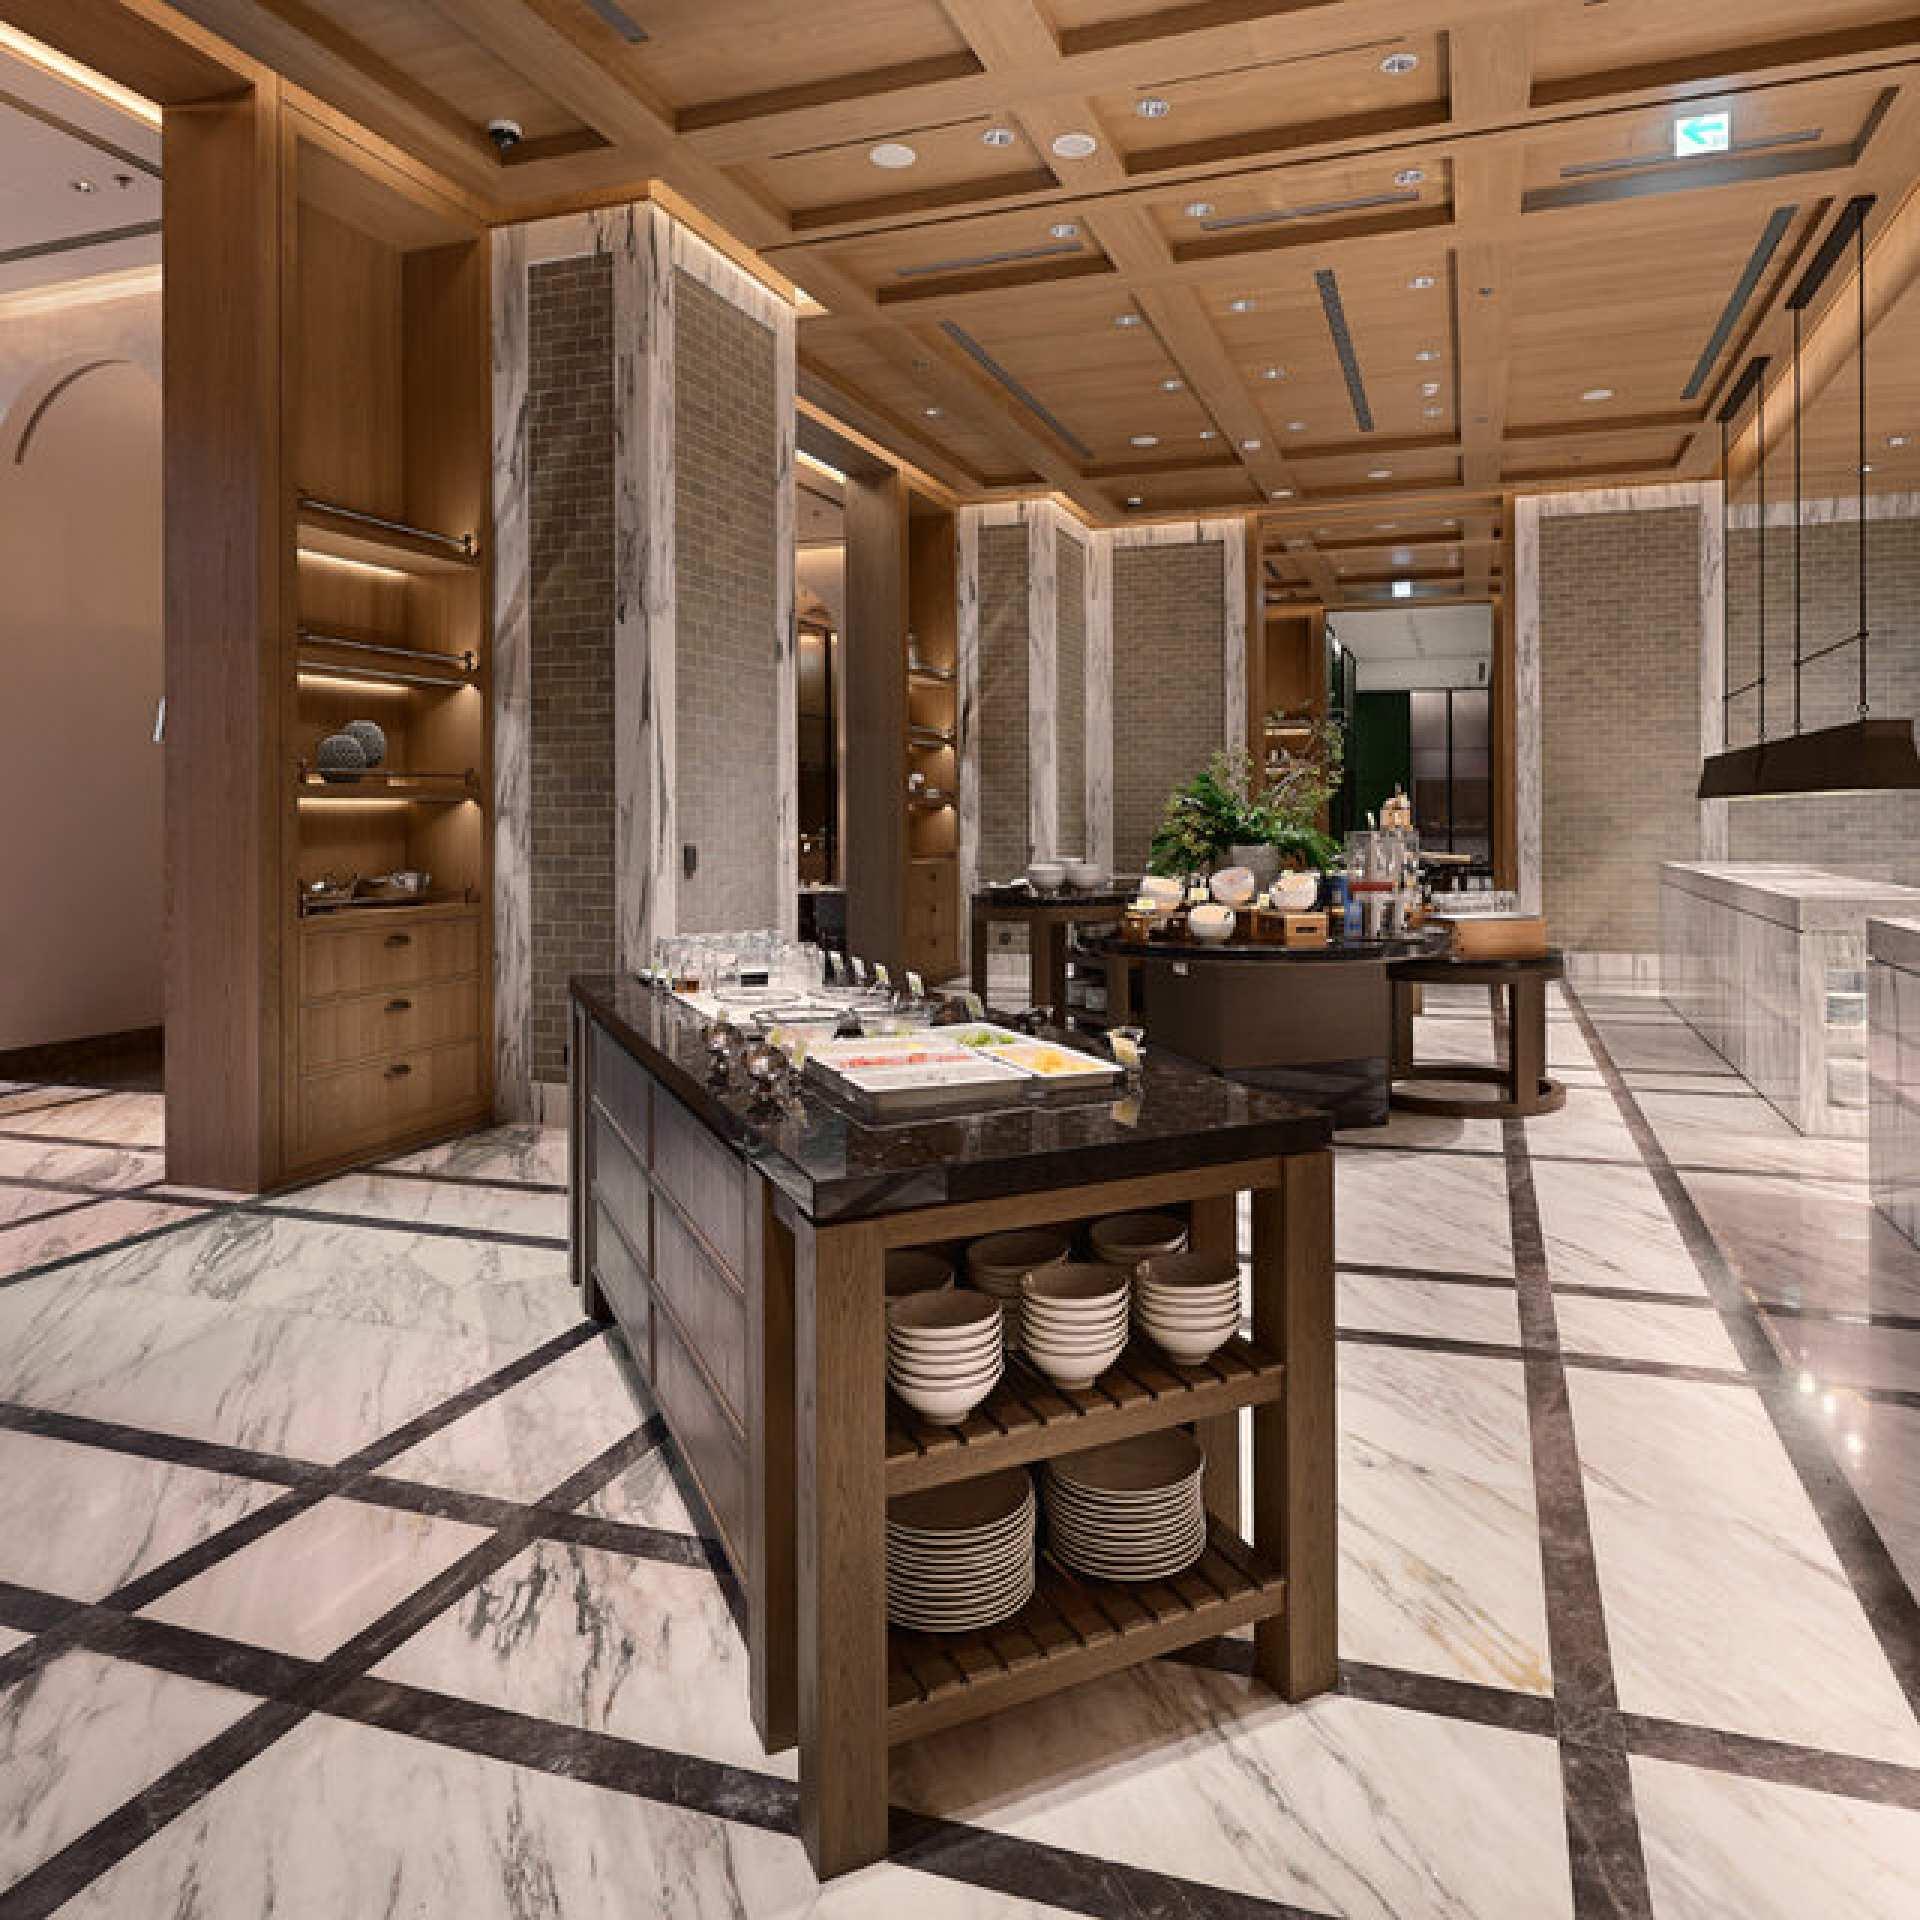 台北萬豪酒店-Garden Kitchen餐廳餐券(需另行電話訂位)